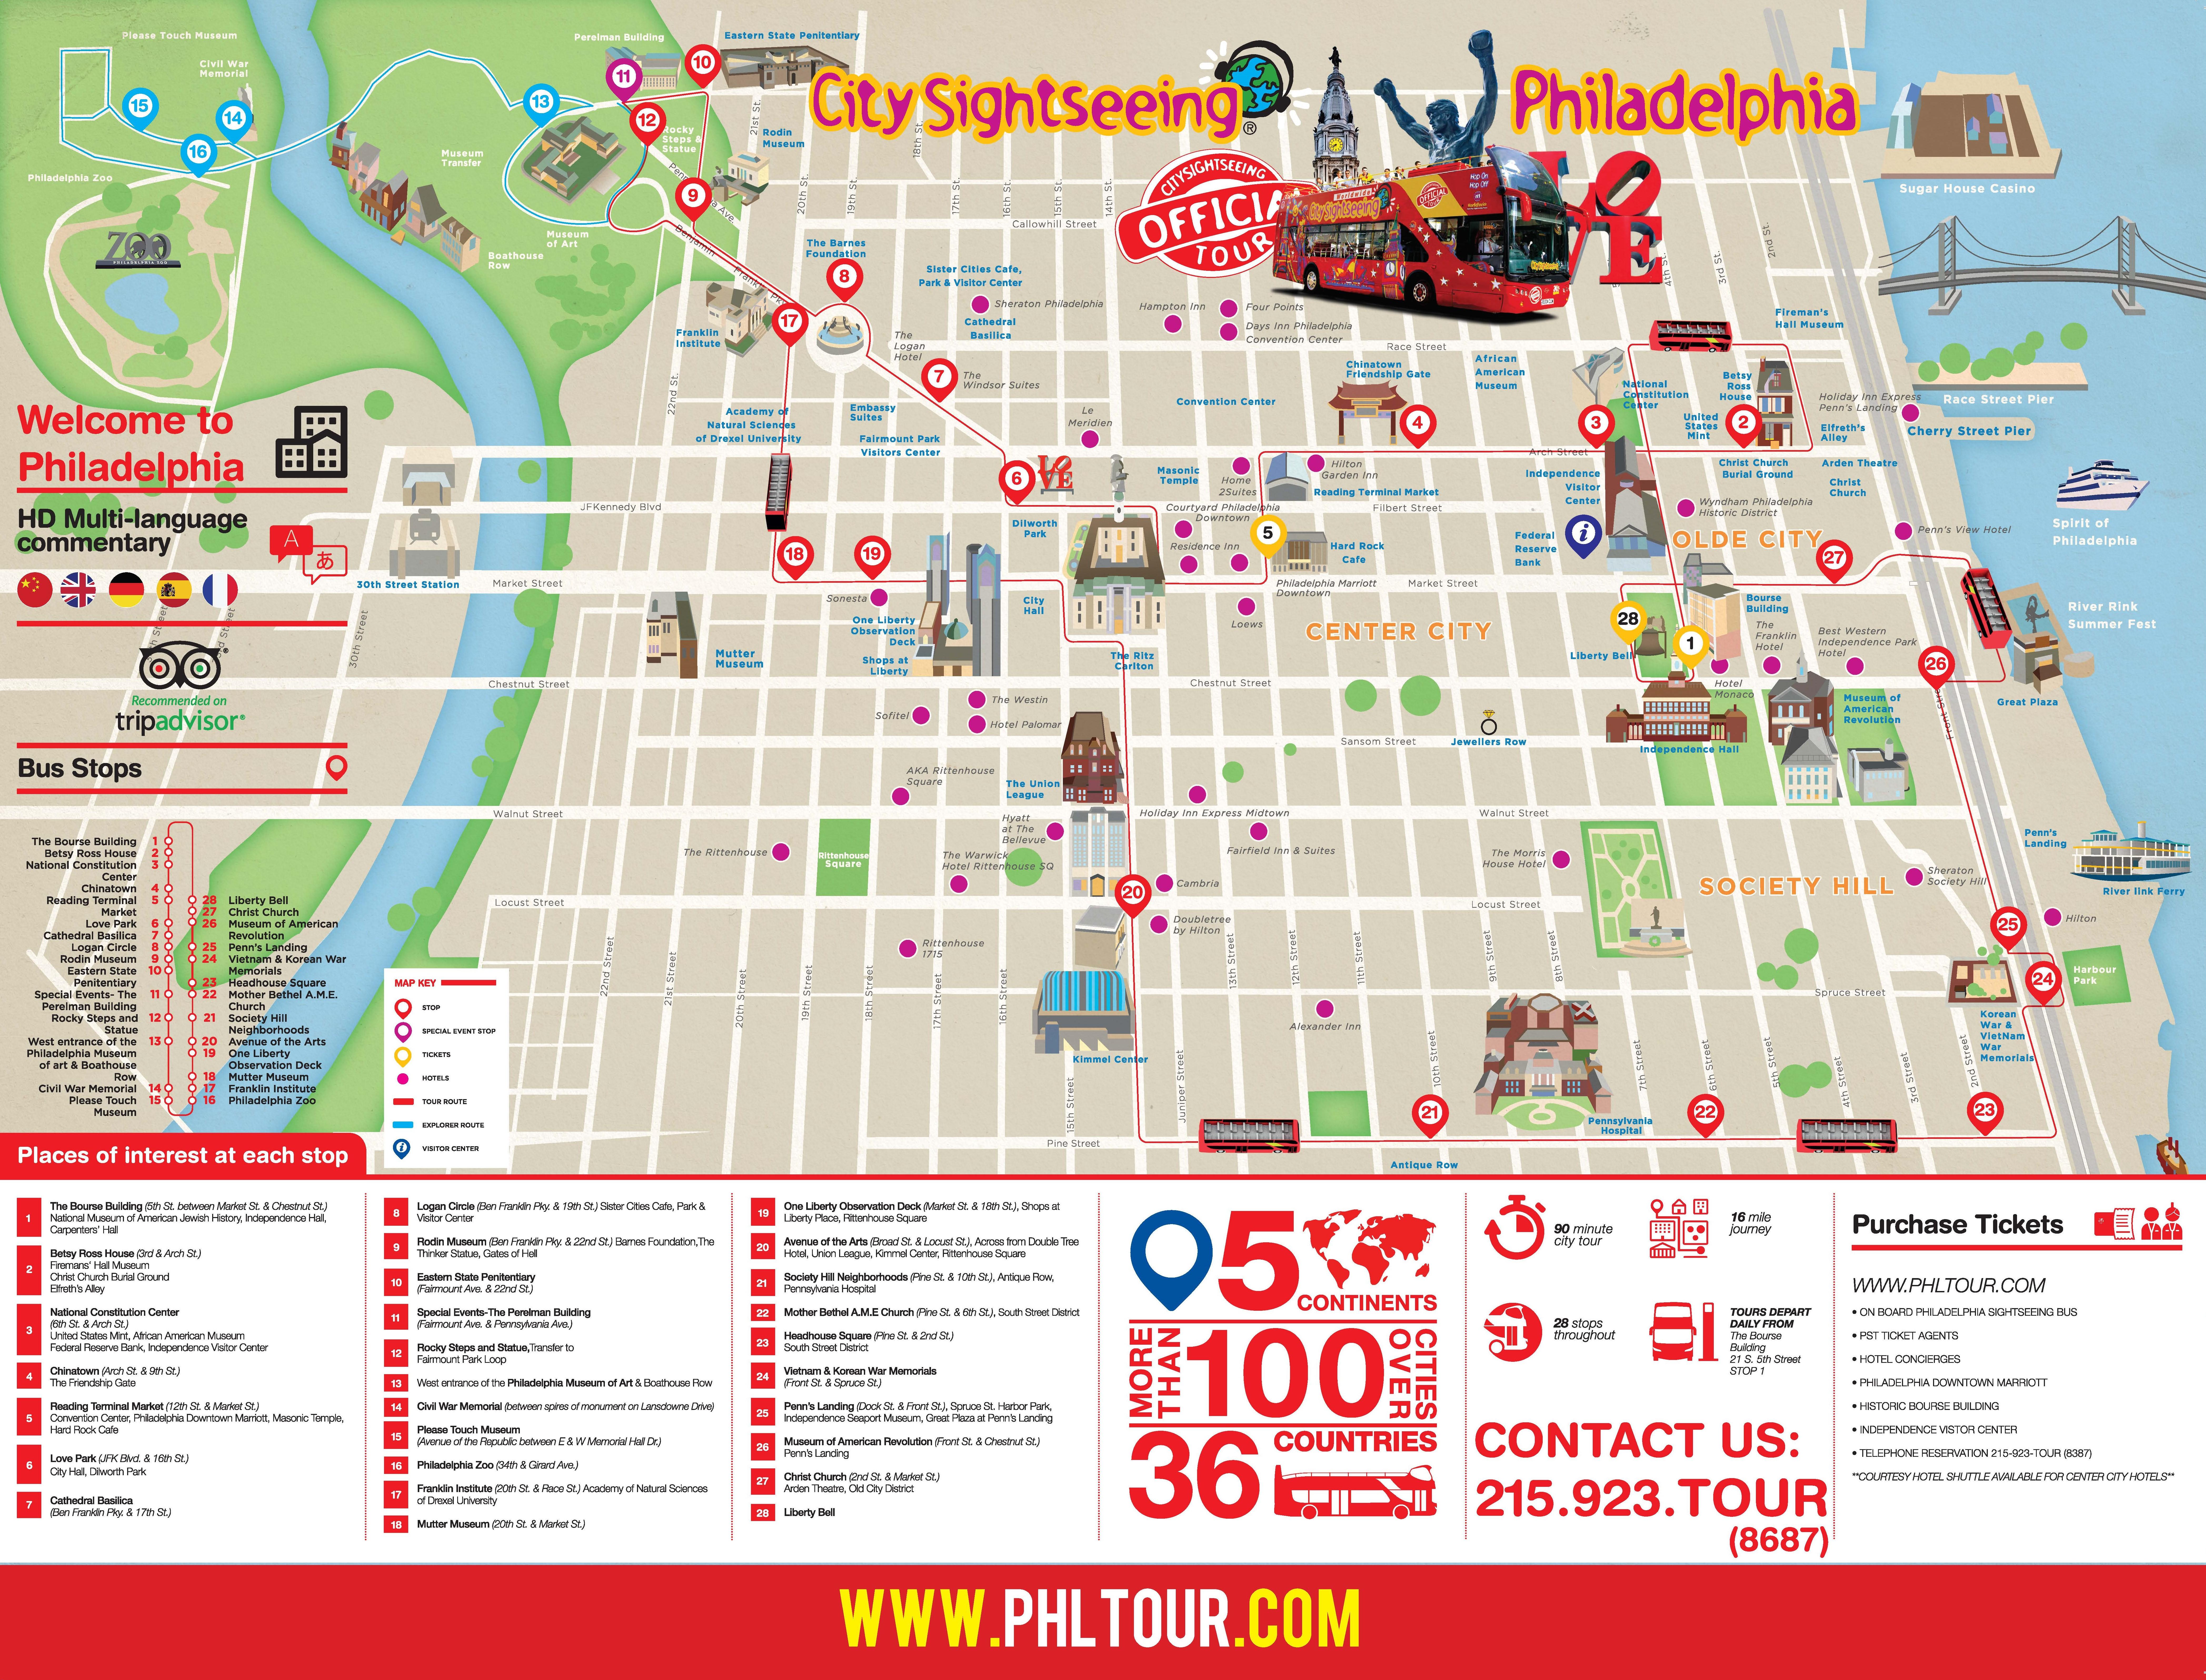 philadelphia walking tour map Philadelphia City Tour Route Map Philadelphia Sightseeing Tours philadelphia walking tour map